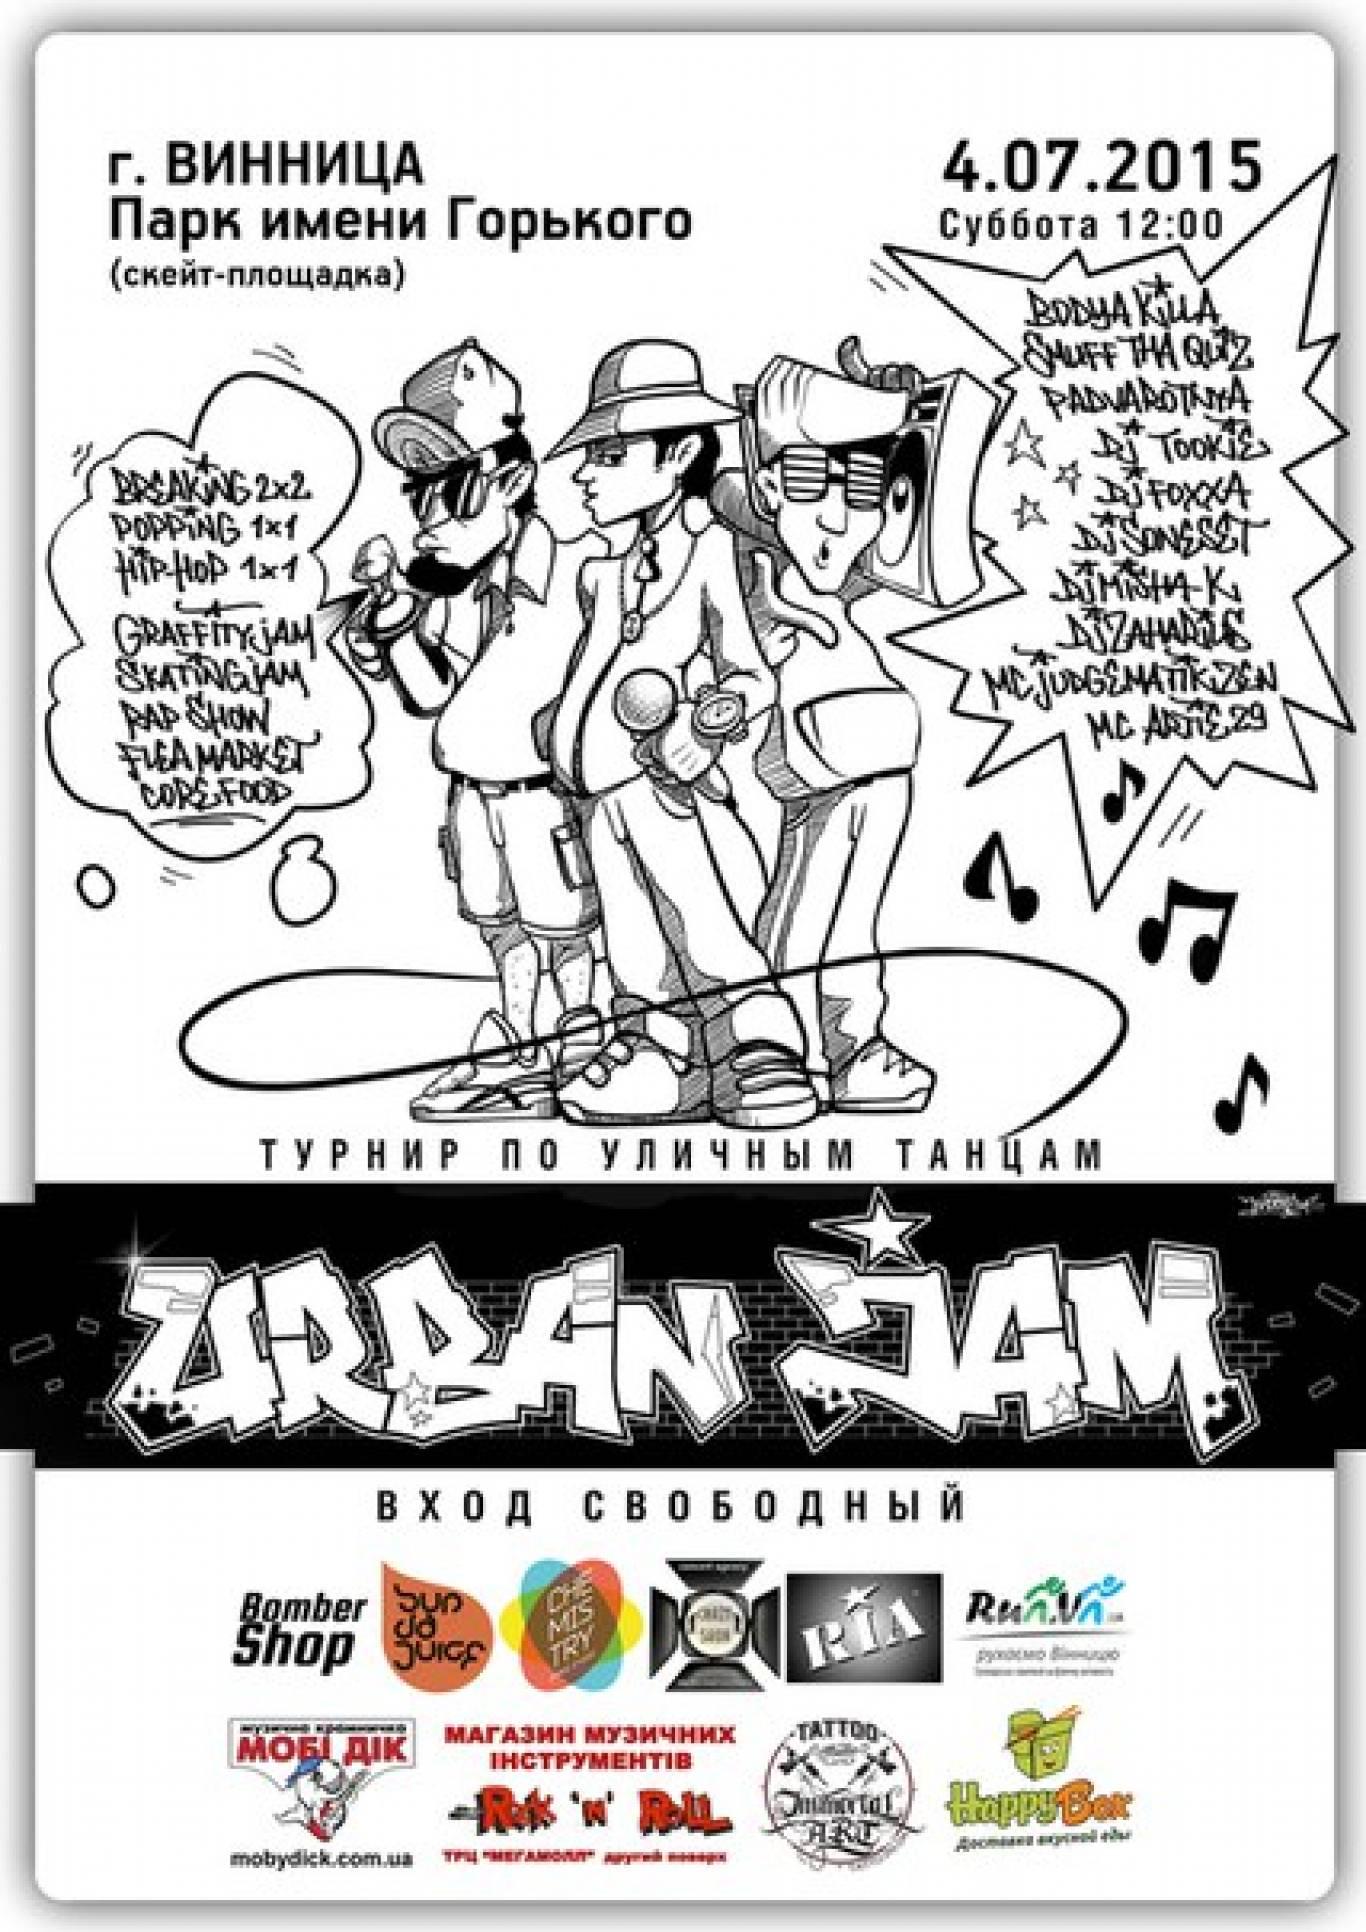 Турнір по вуличним танцям «URBAN JAM»